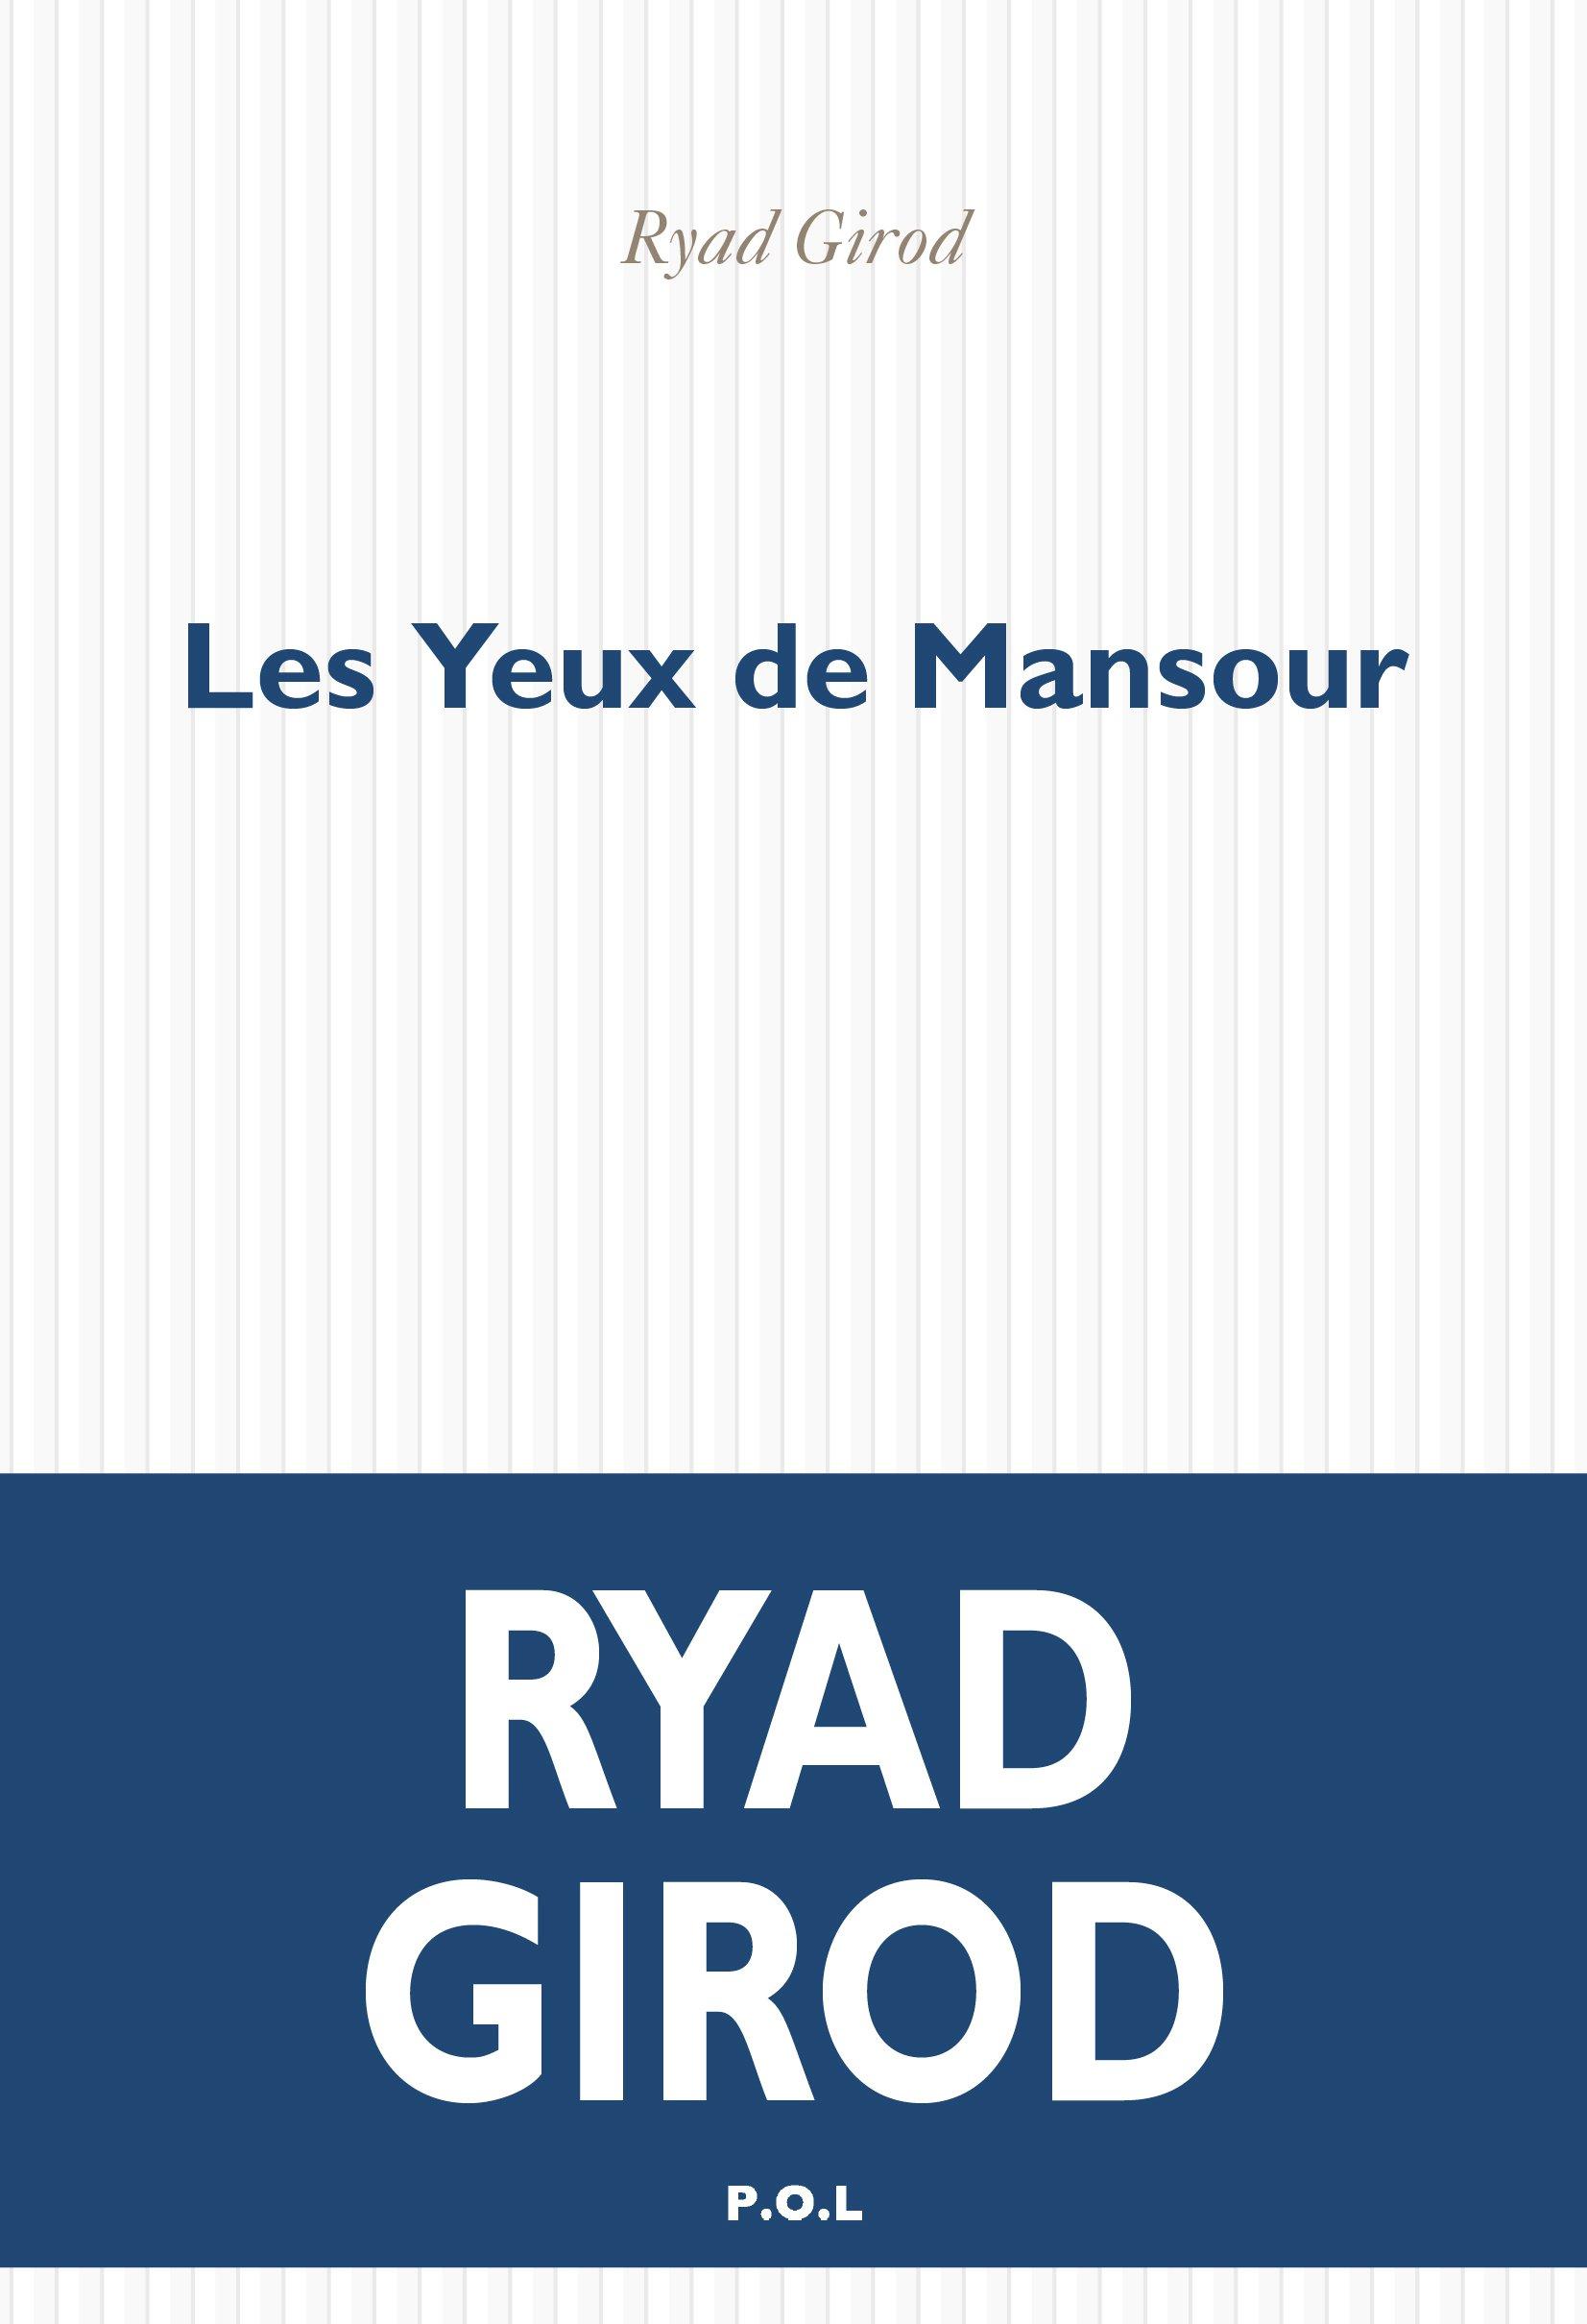 Les Yeux de Mansour